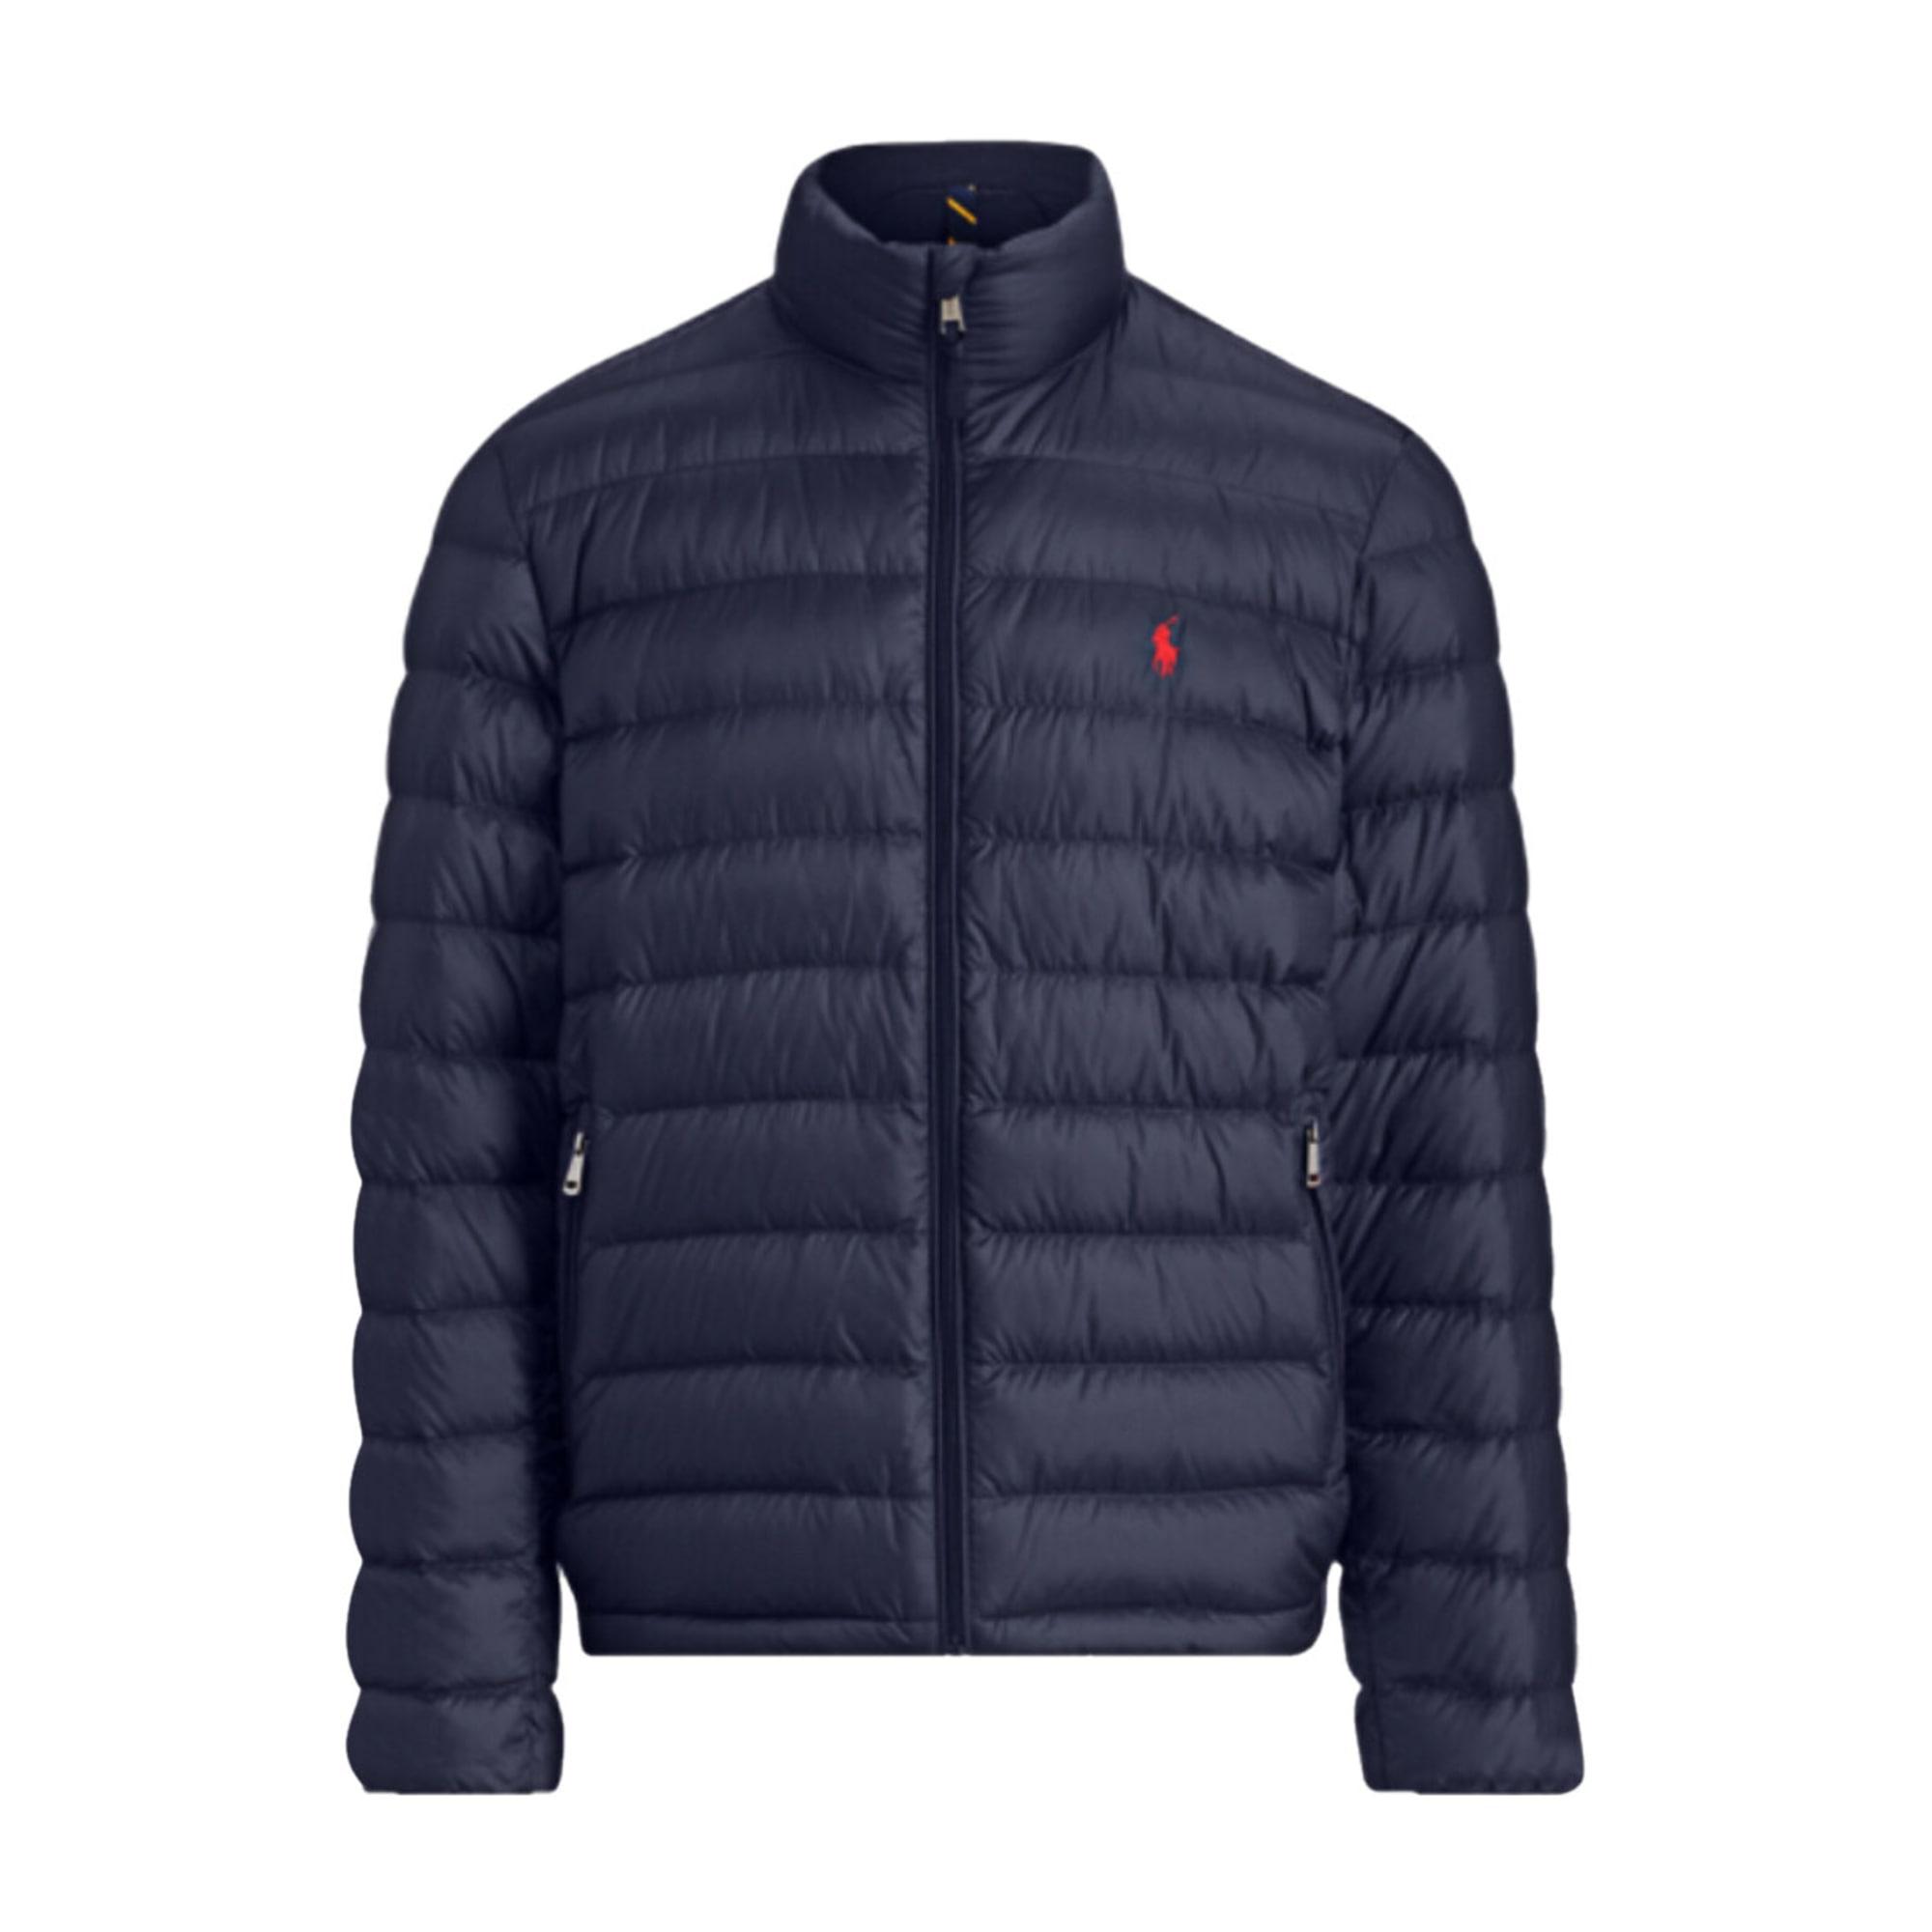 a334d711c57 Manteau RALPH LAUREN 48 (M) bleu vendu par Lino 111 - 8012335